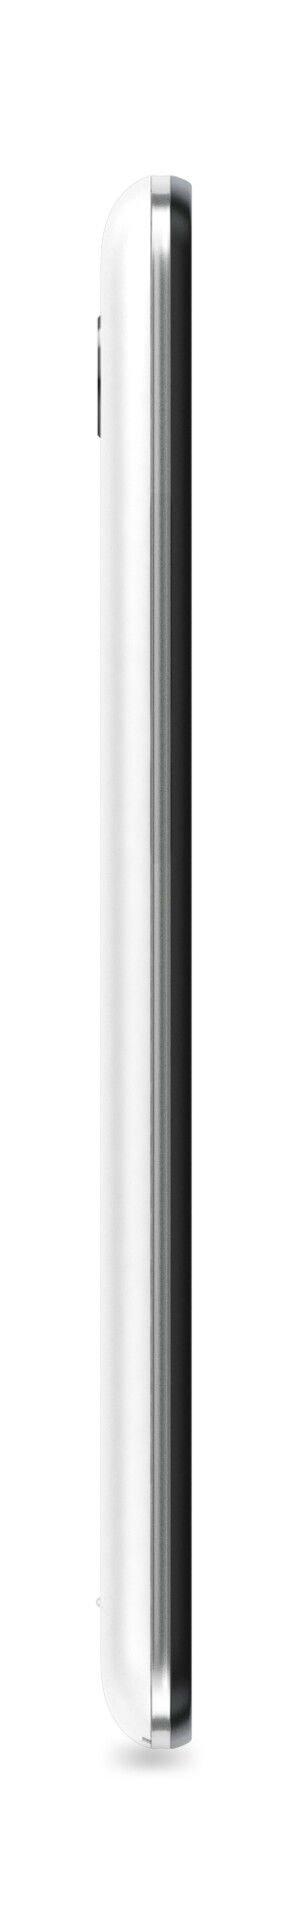 Acer-Liquid-Zest-abs-Zest-4G_15-w600